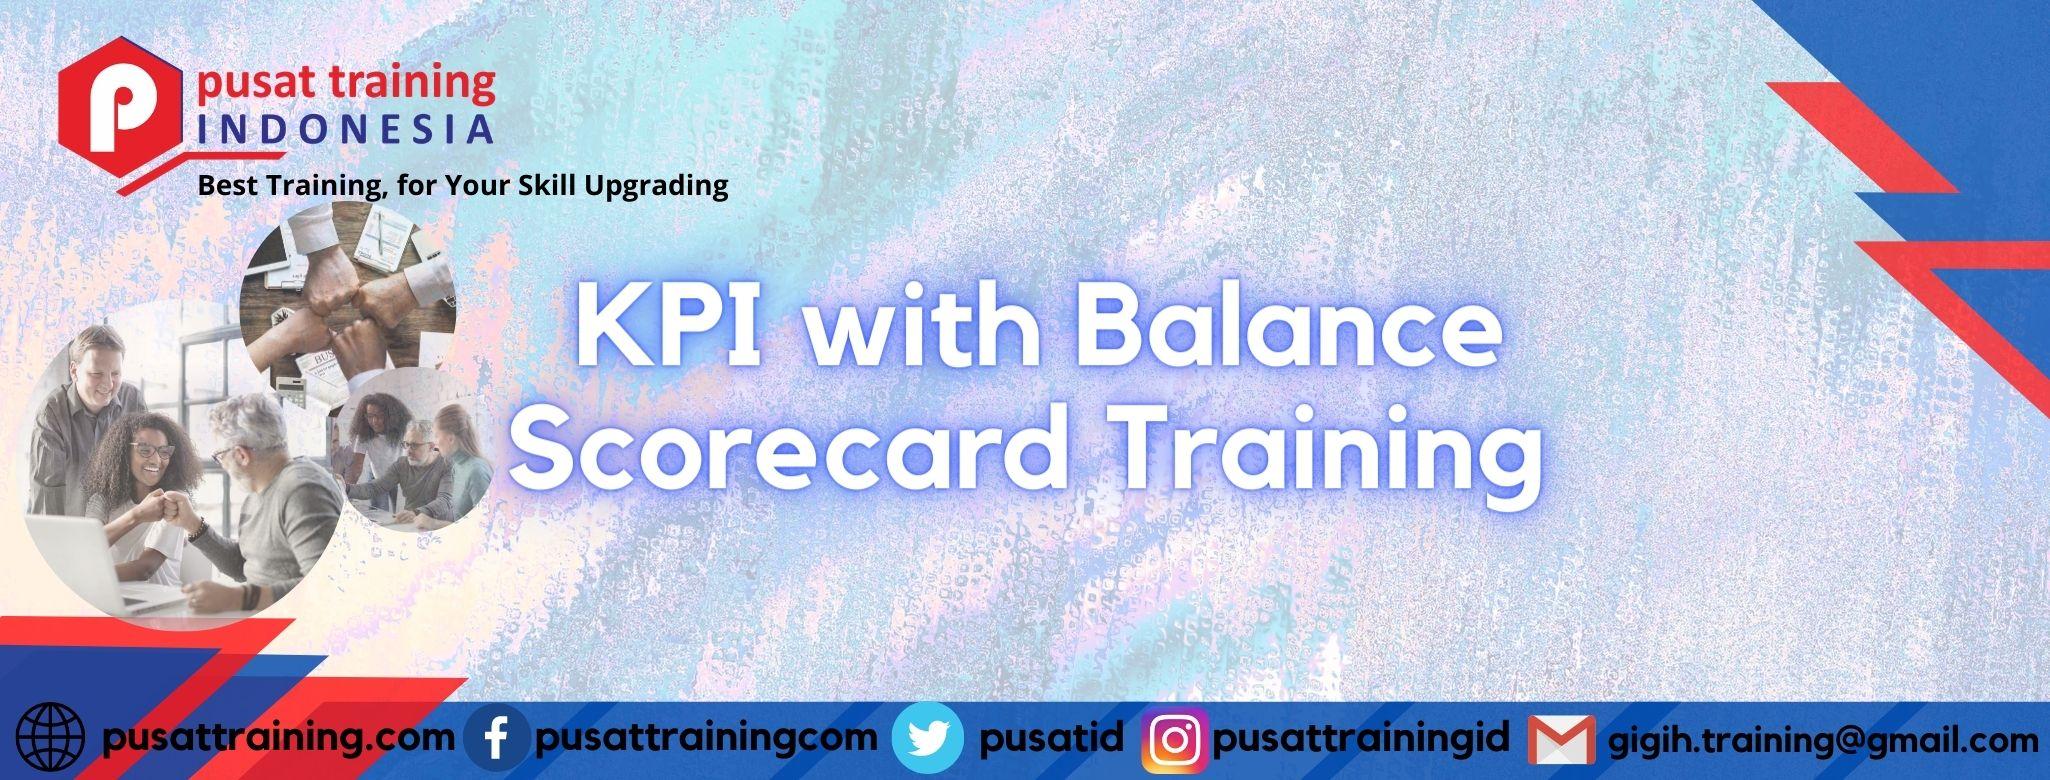 Training KPI with Balance Scorecard